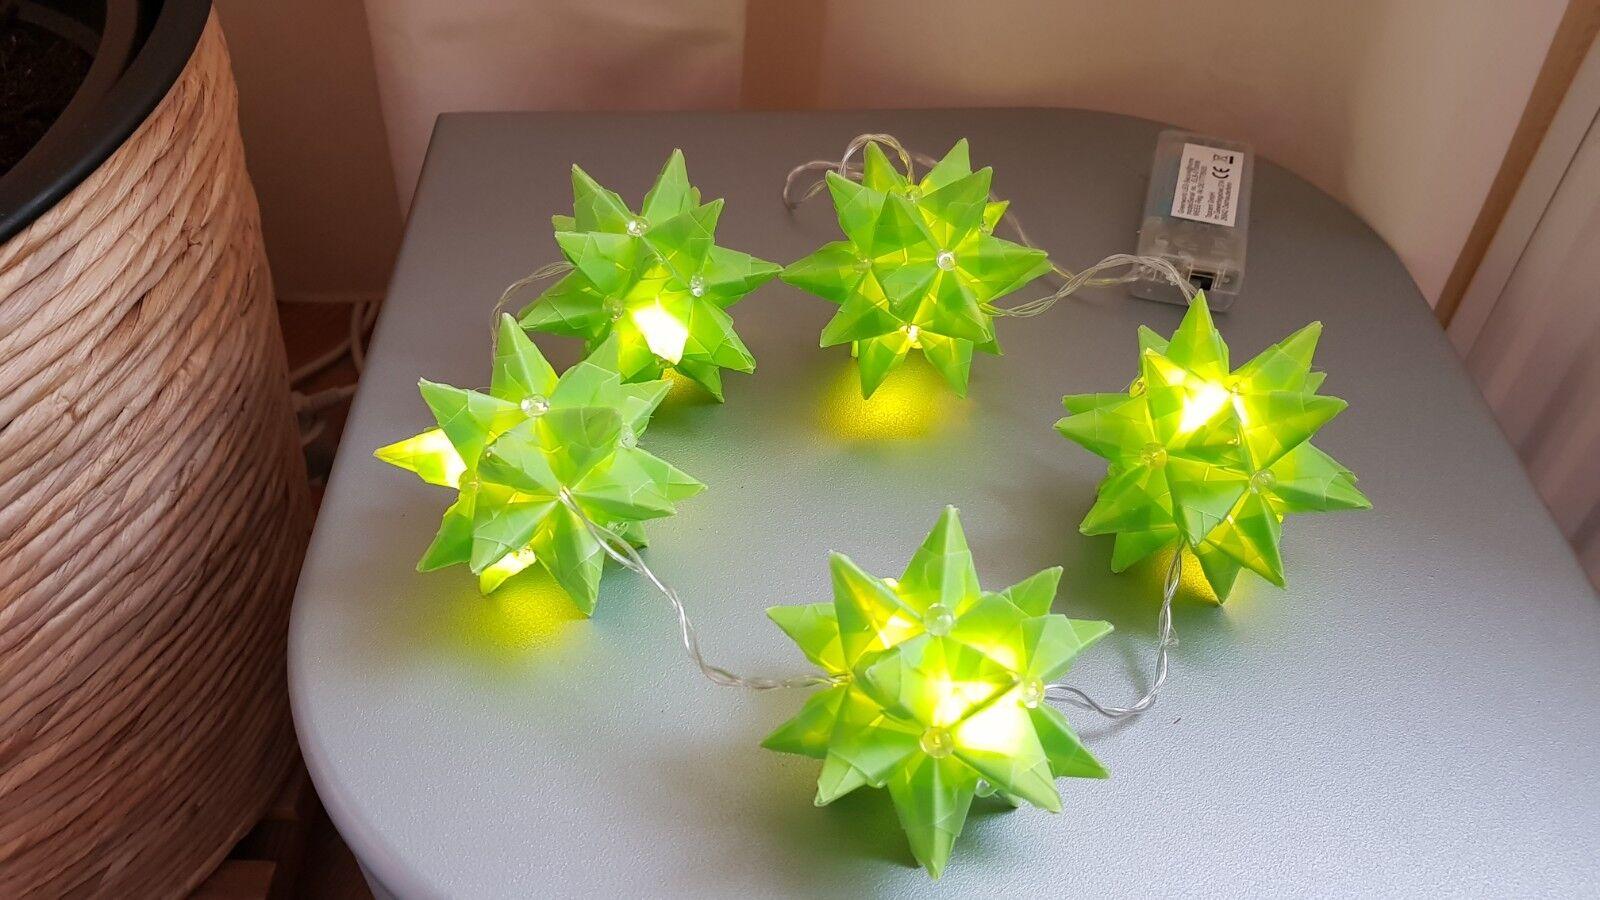 Neu, Deko,5 er Sternenlichterkette in hellgrün mit LED-Licht,für den Sommer!!!!